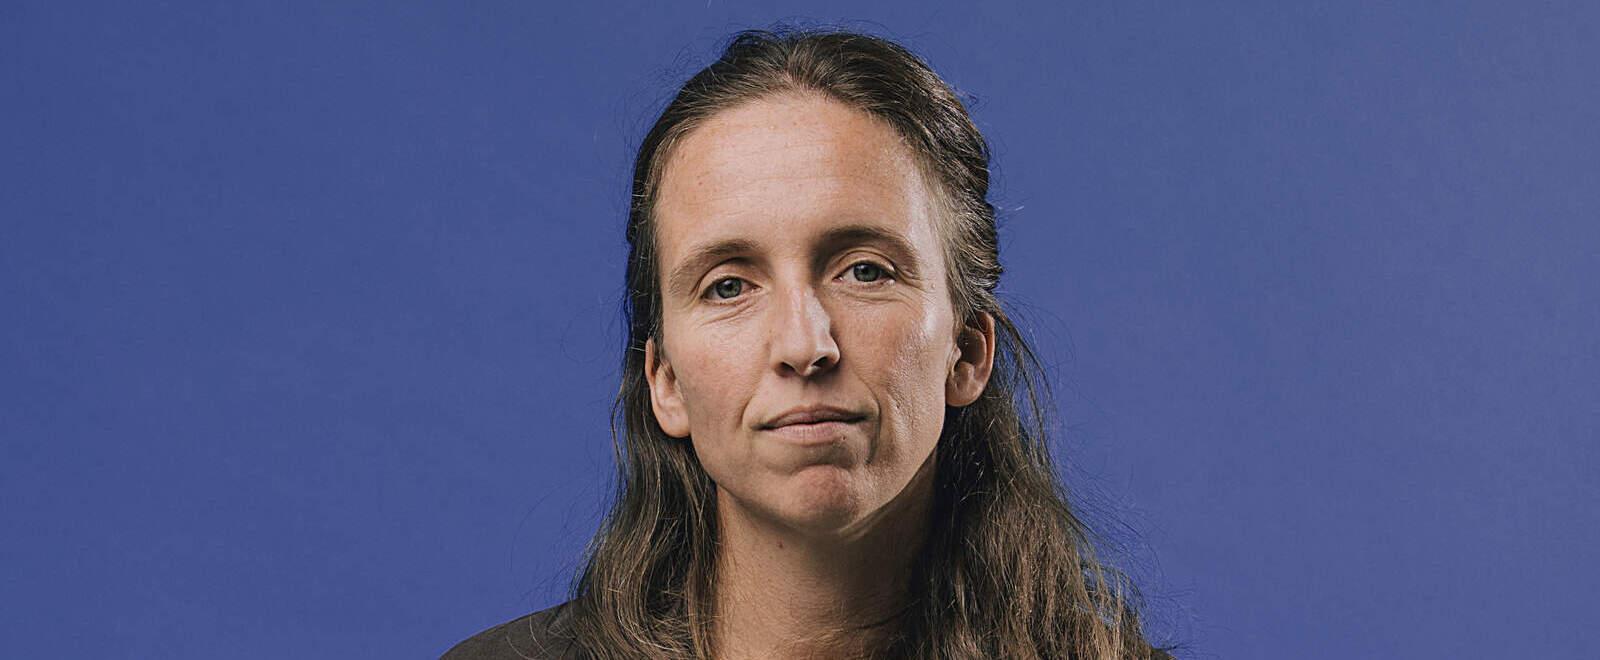 Laura Batlle Bayer, investigadora de la Càtedra UNESCO de Cicle de Vida i Canvi Climàtic ESCI-UPF